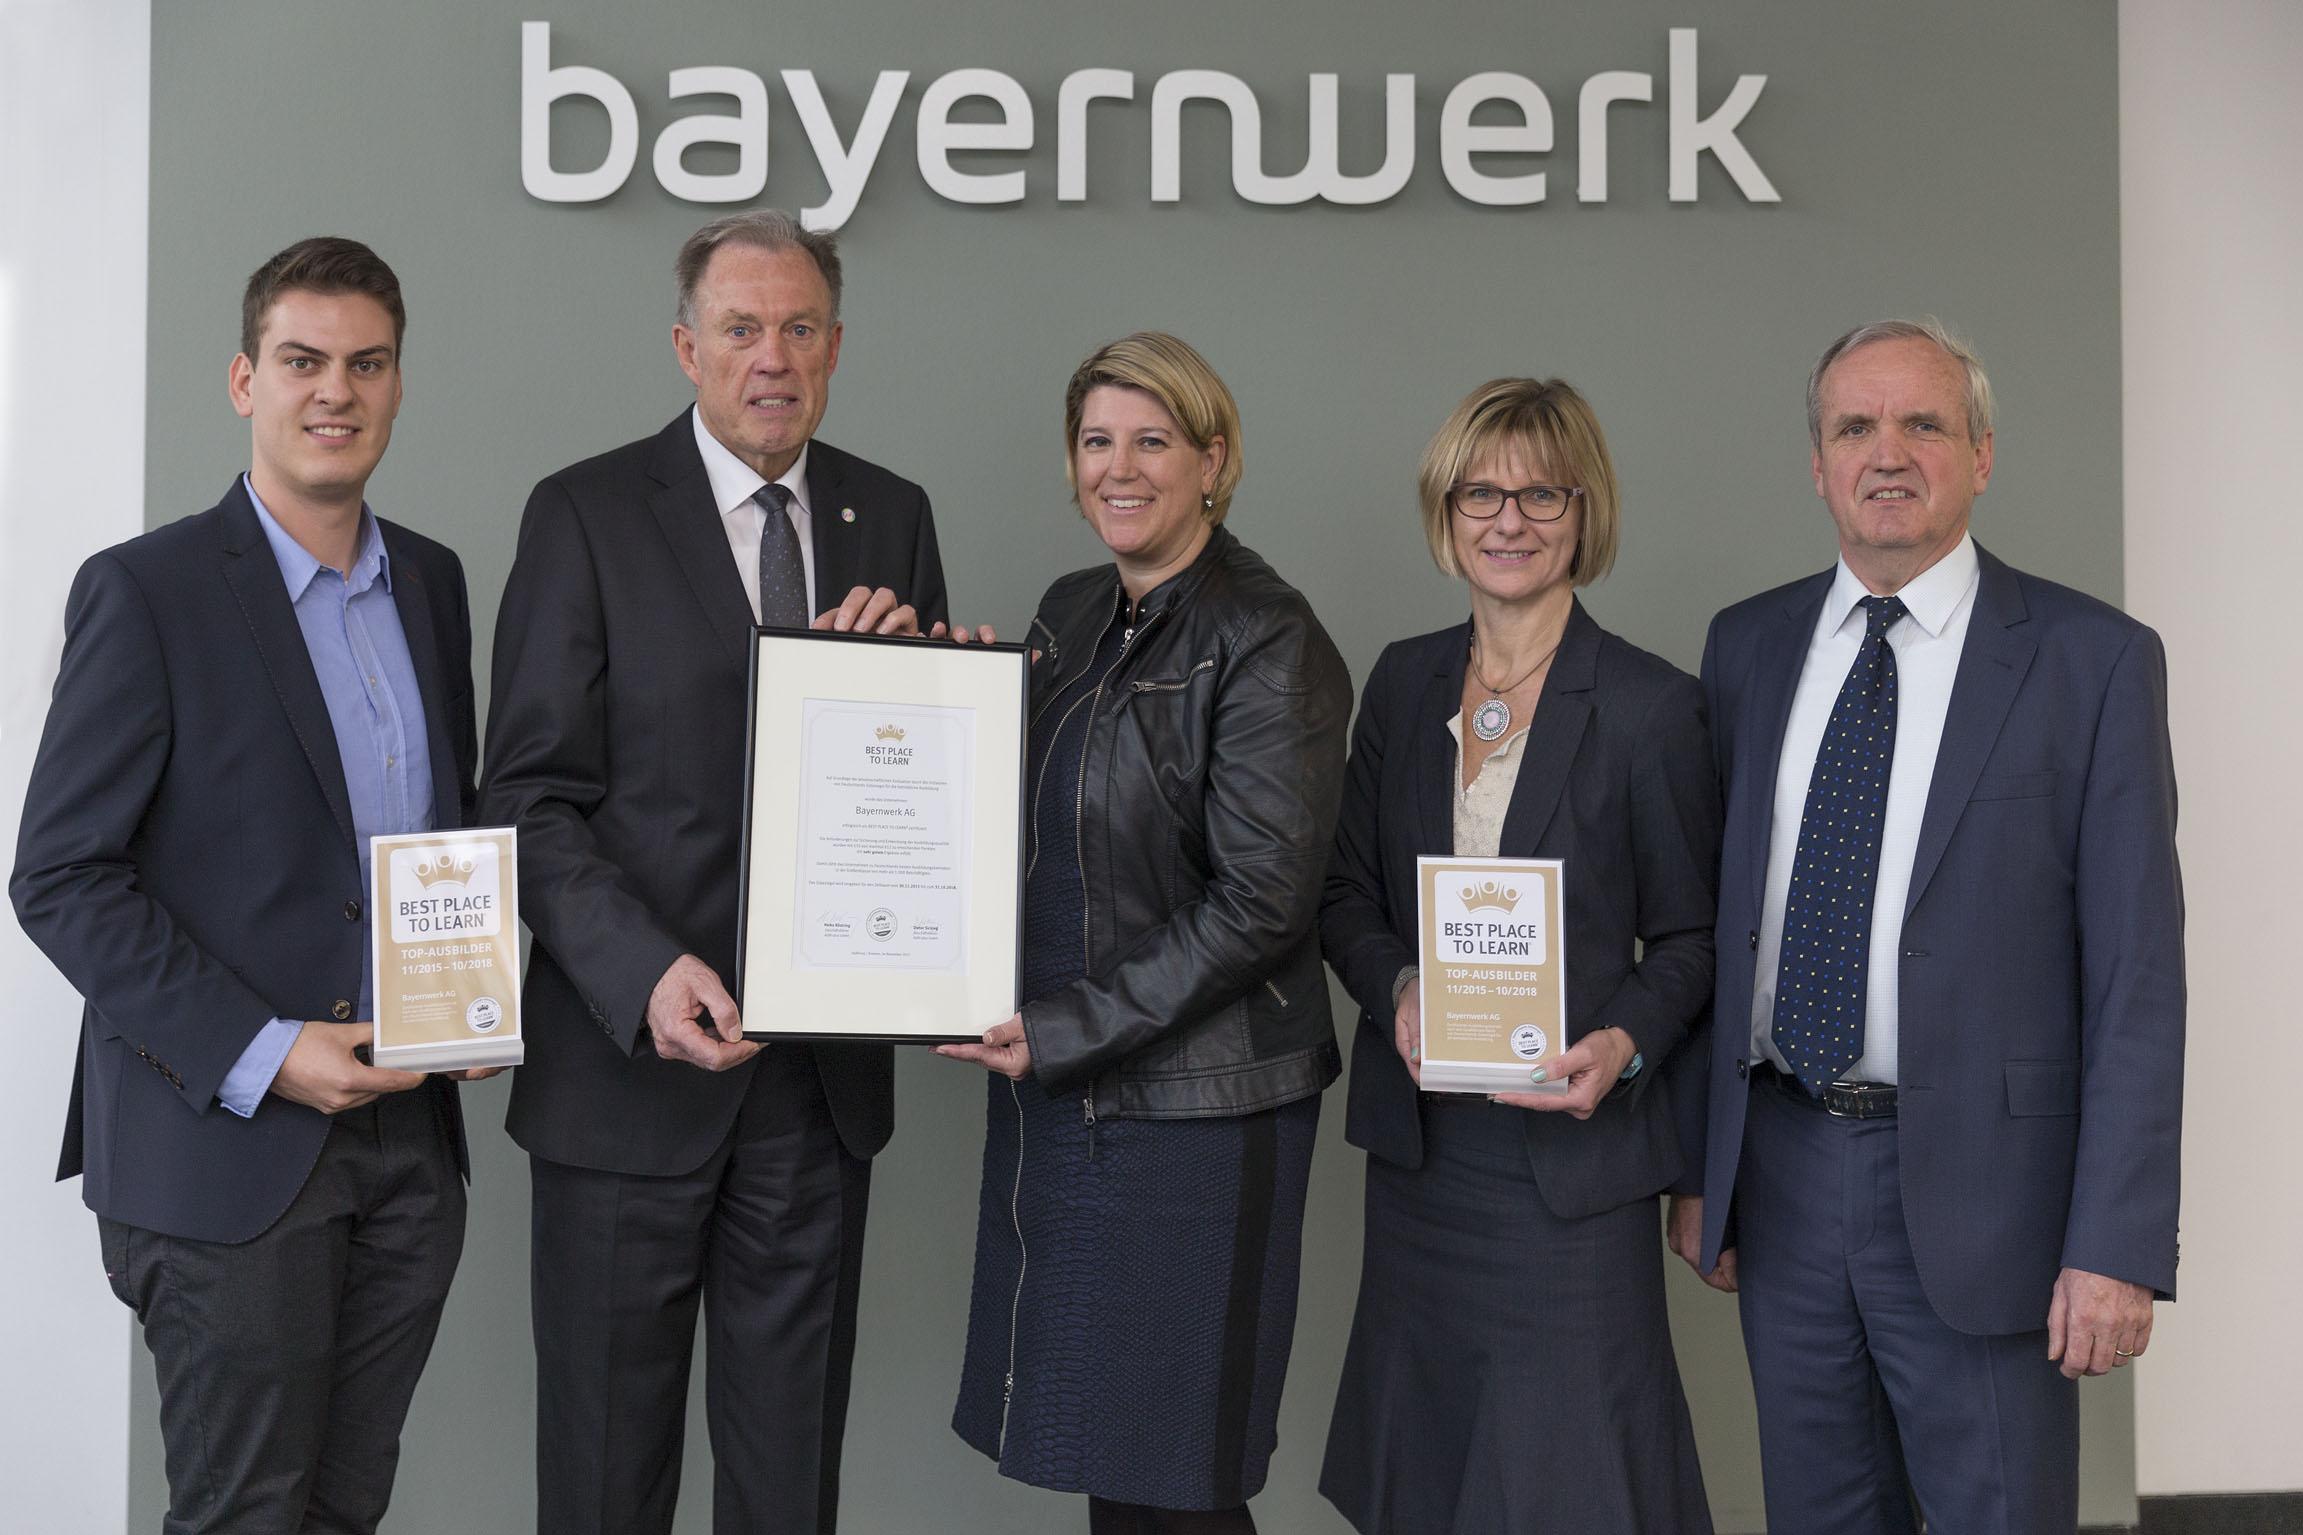 Der beste Ort, um zu lernen  Auszubildende geben dem Bayernwerk ein besonderes G#xFCtesiegel - Bayernwerk erh#xE4lt Zertifikat f#xFCr Ausbildungsqualit#xE4t